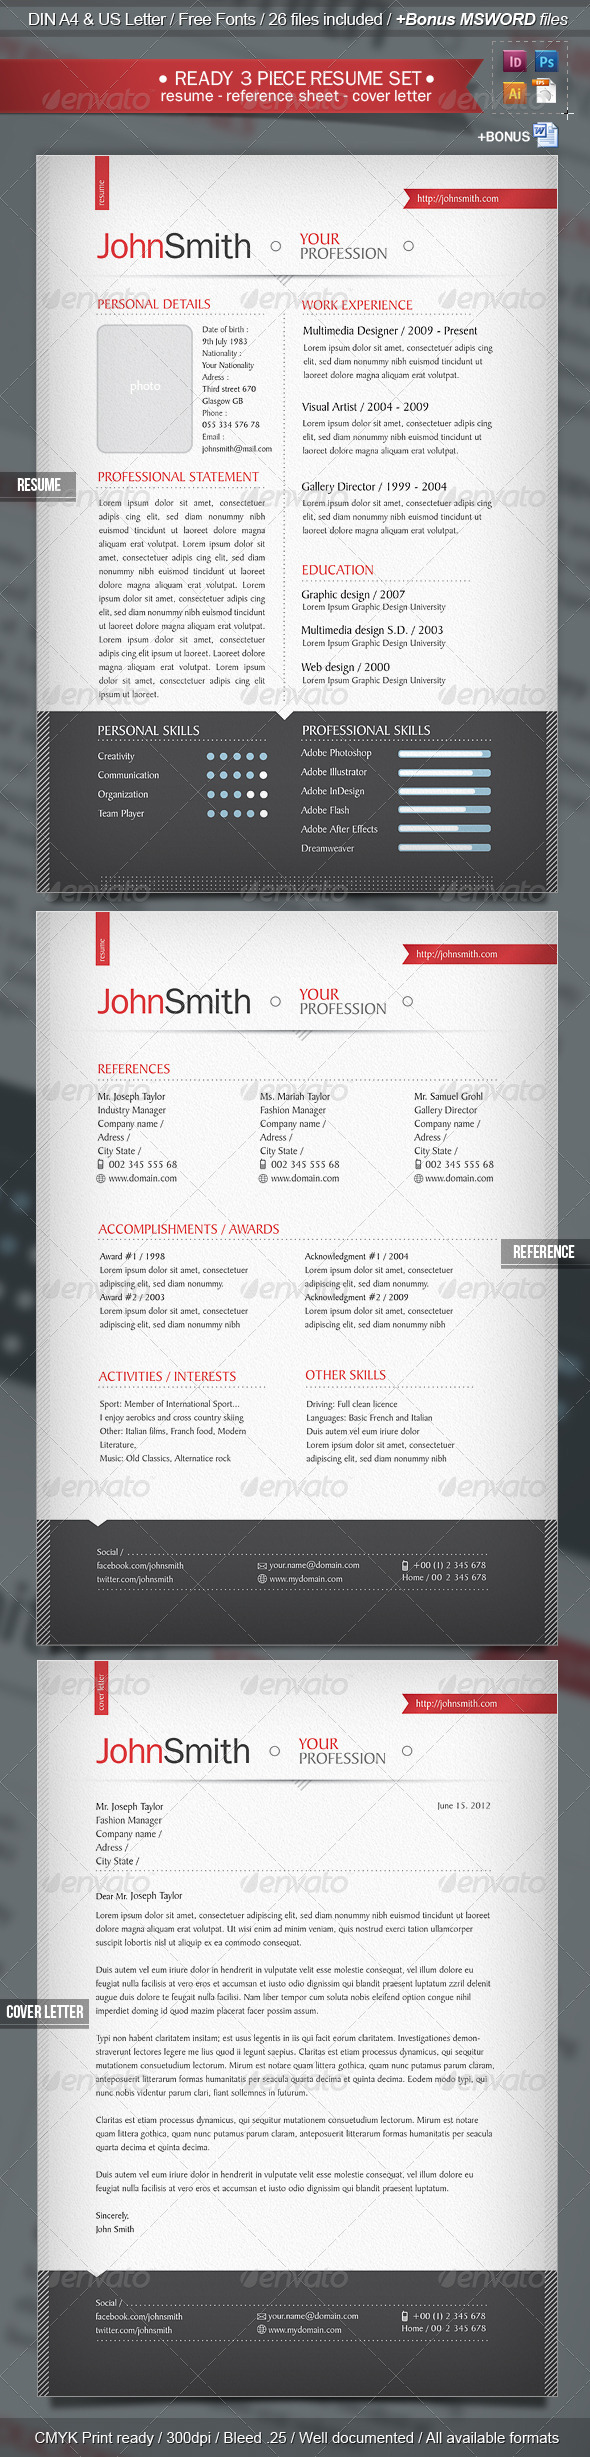 GraphicRiver Ready 3-Piece Resume CV Set 2461358